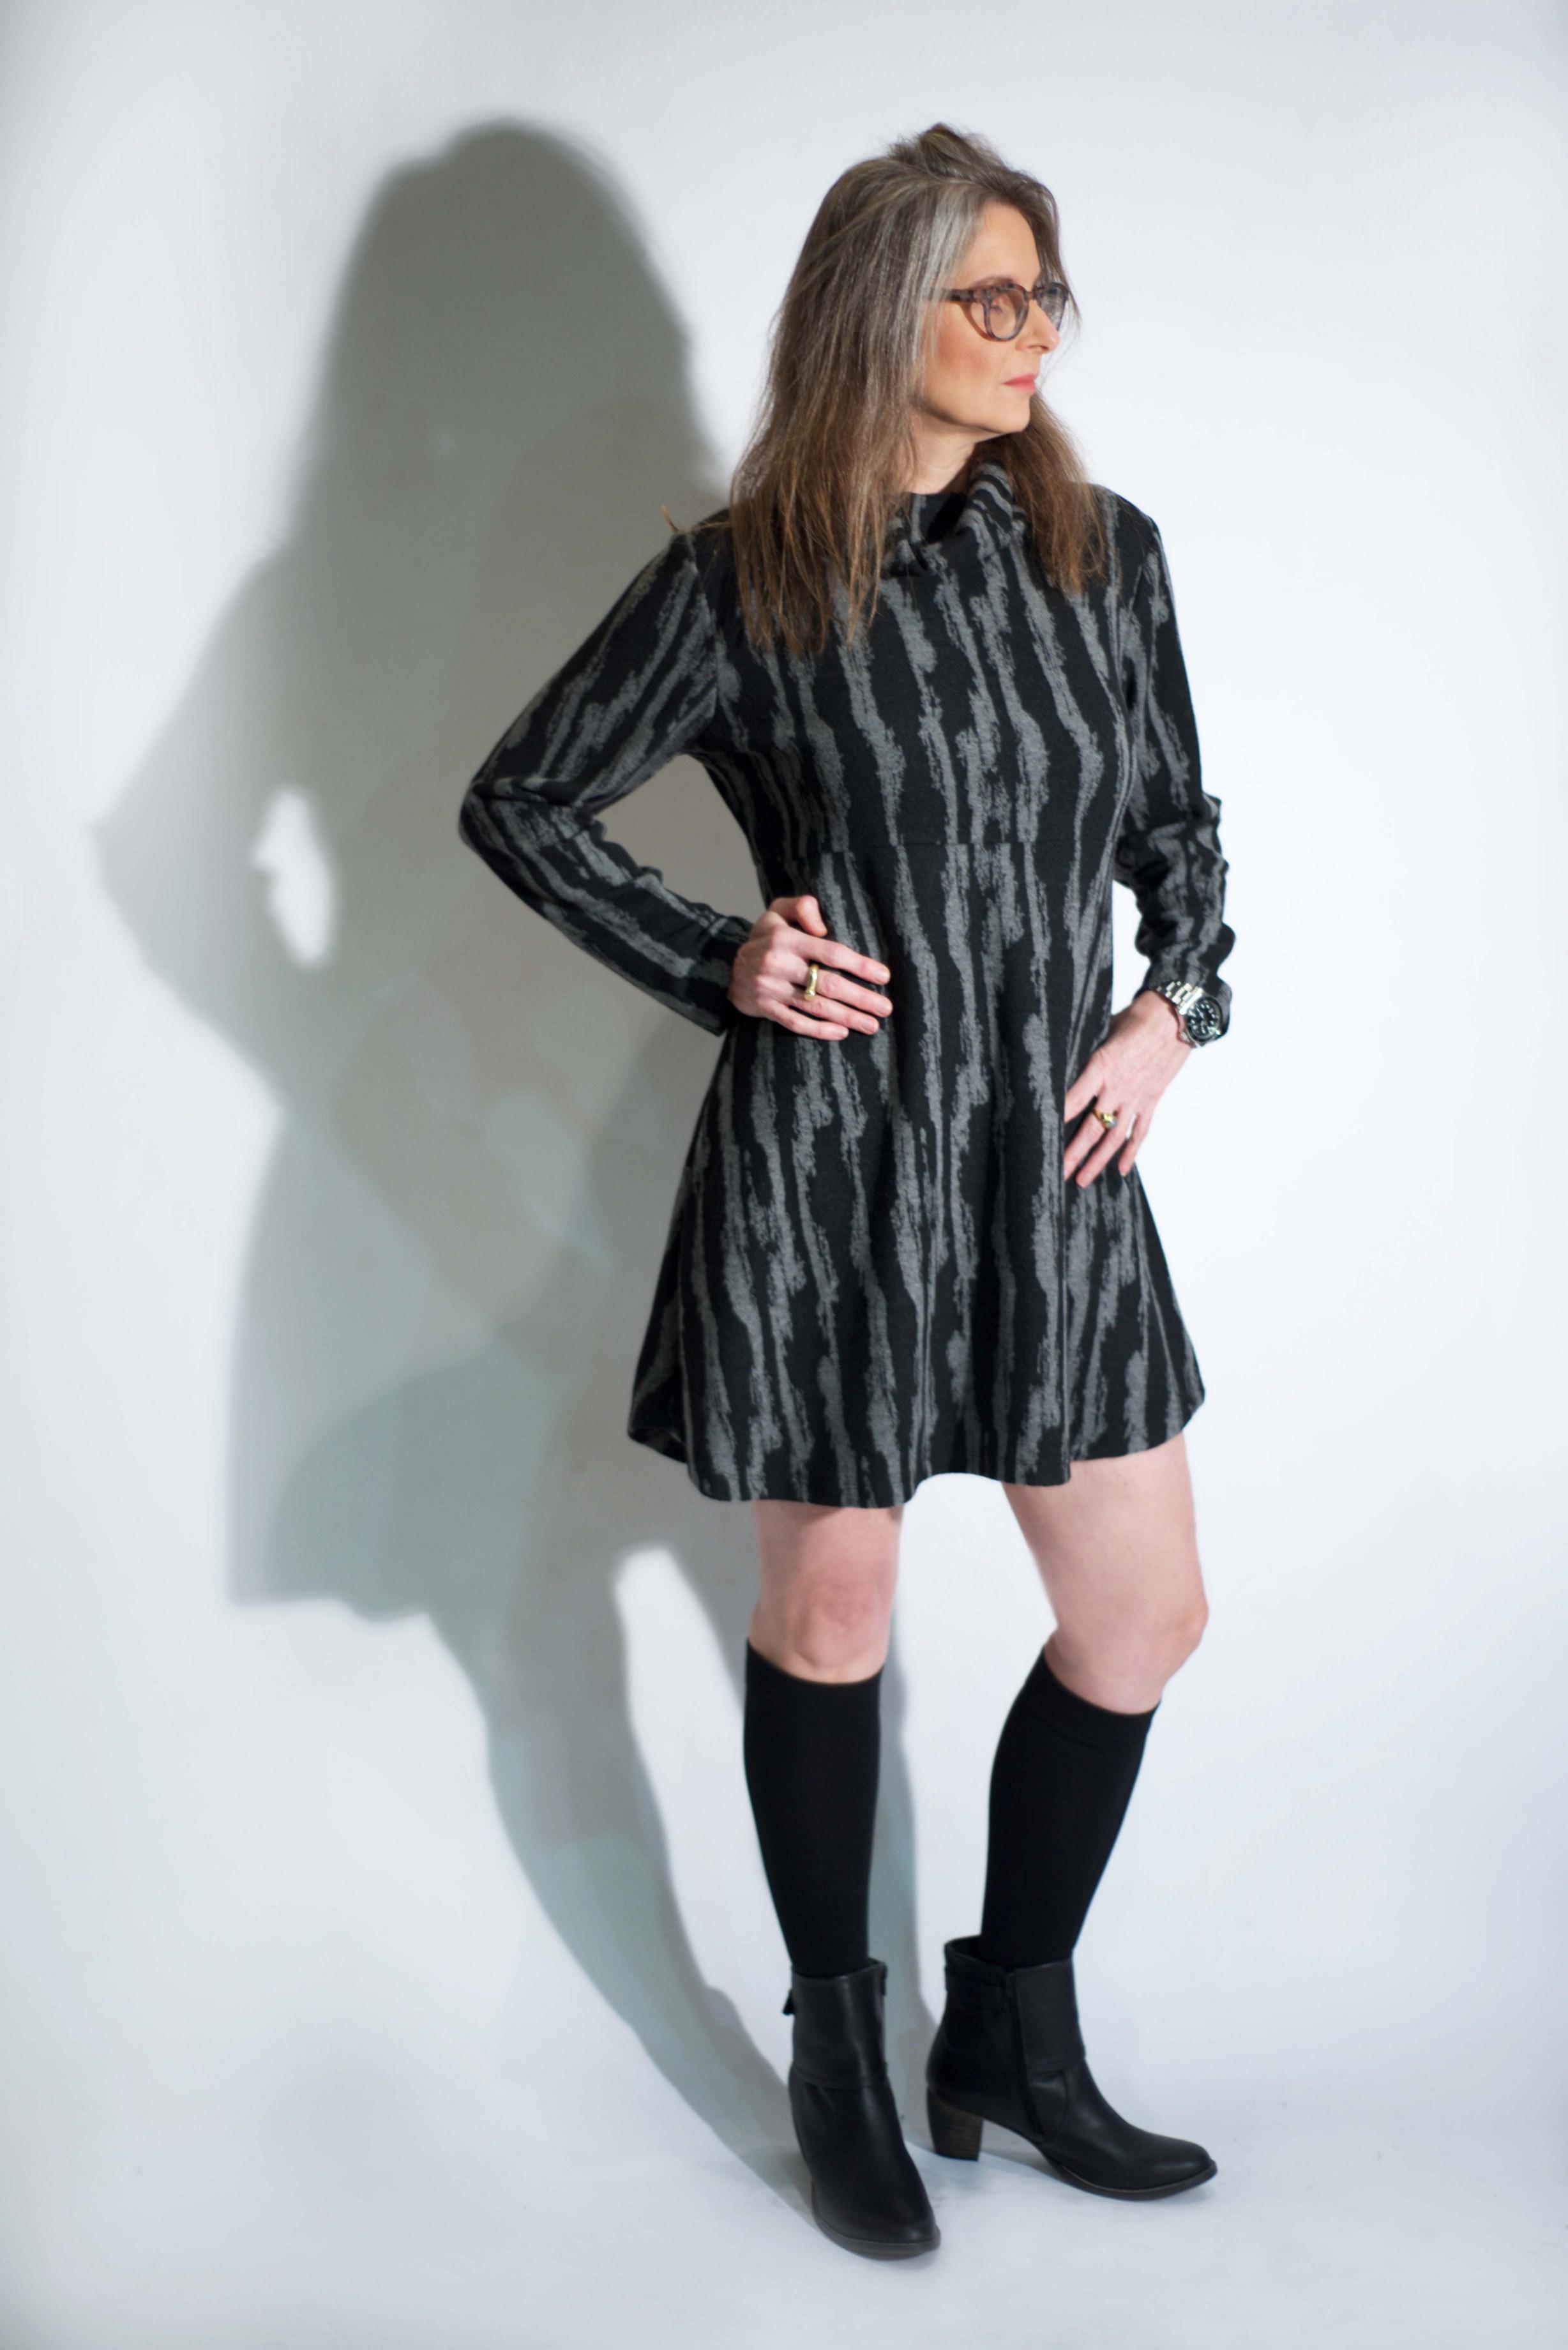 חוה ילין מדגמנת שמלה-טוניקה של המעצבת טלי אימבר.  במכירה הגדולה רק 199 שח. בית טפר תל גיבורים 5 תא צילום מאיה שוהם (Copy).jpg